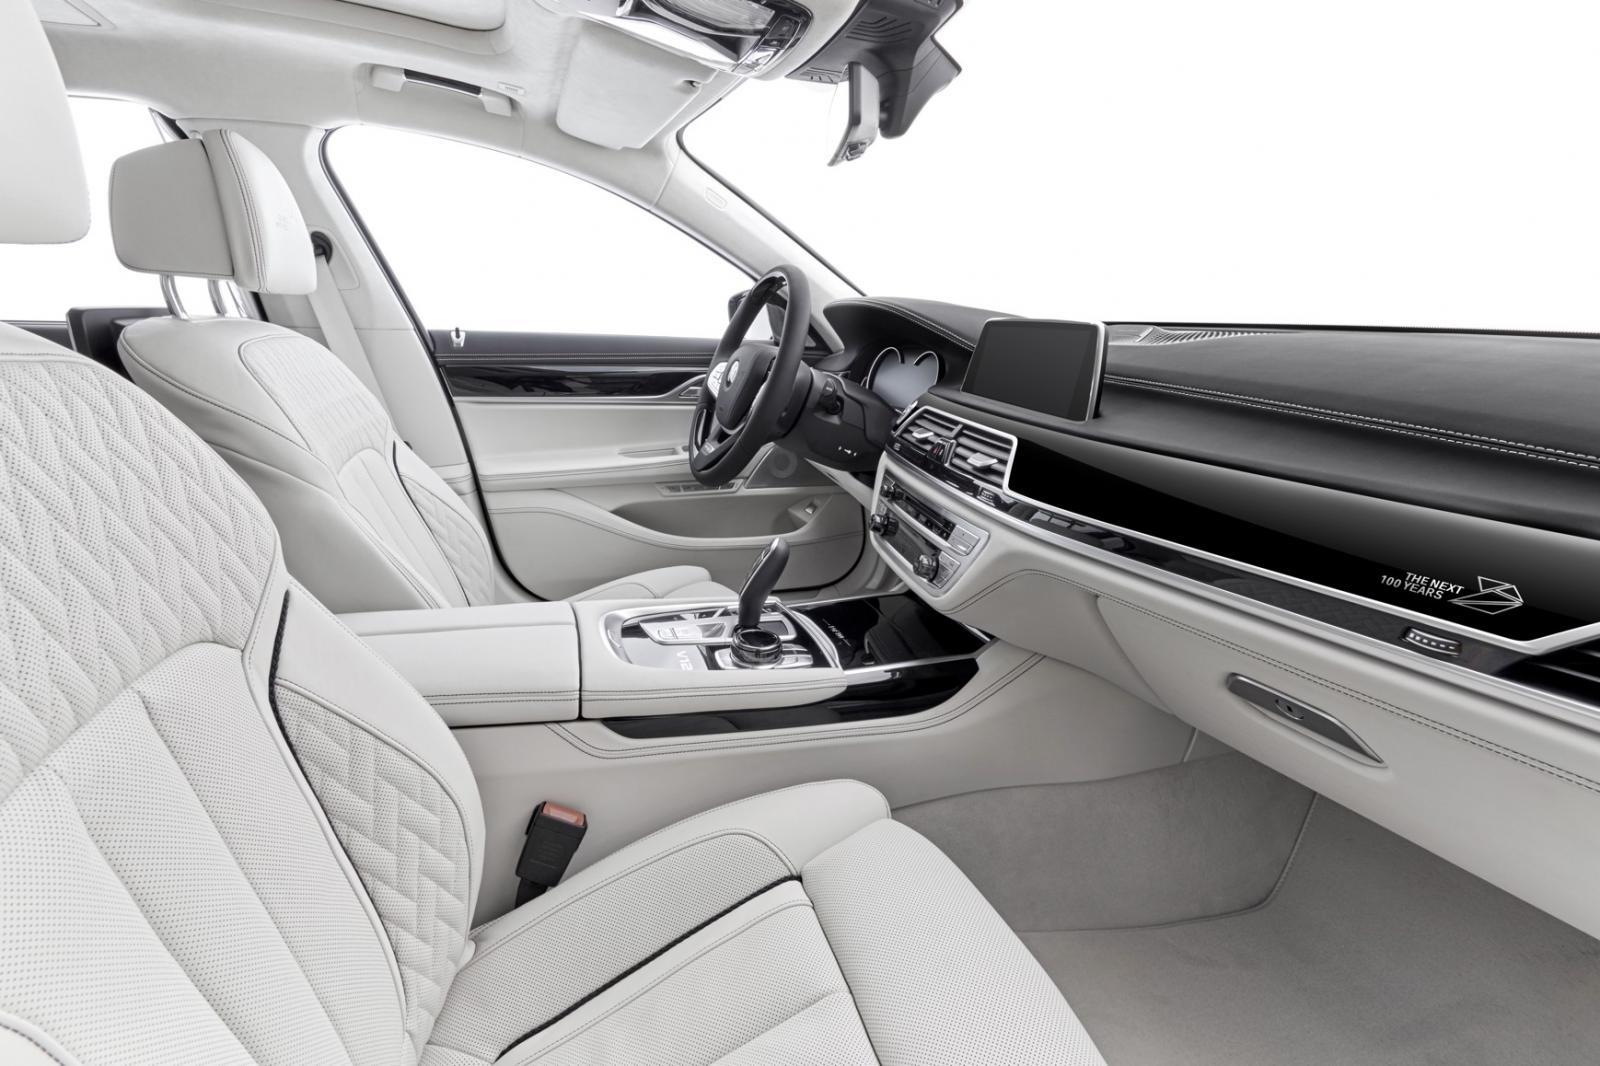 Вкомплектацию юбилейной BMW 7-Series включили ручку избелого золота